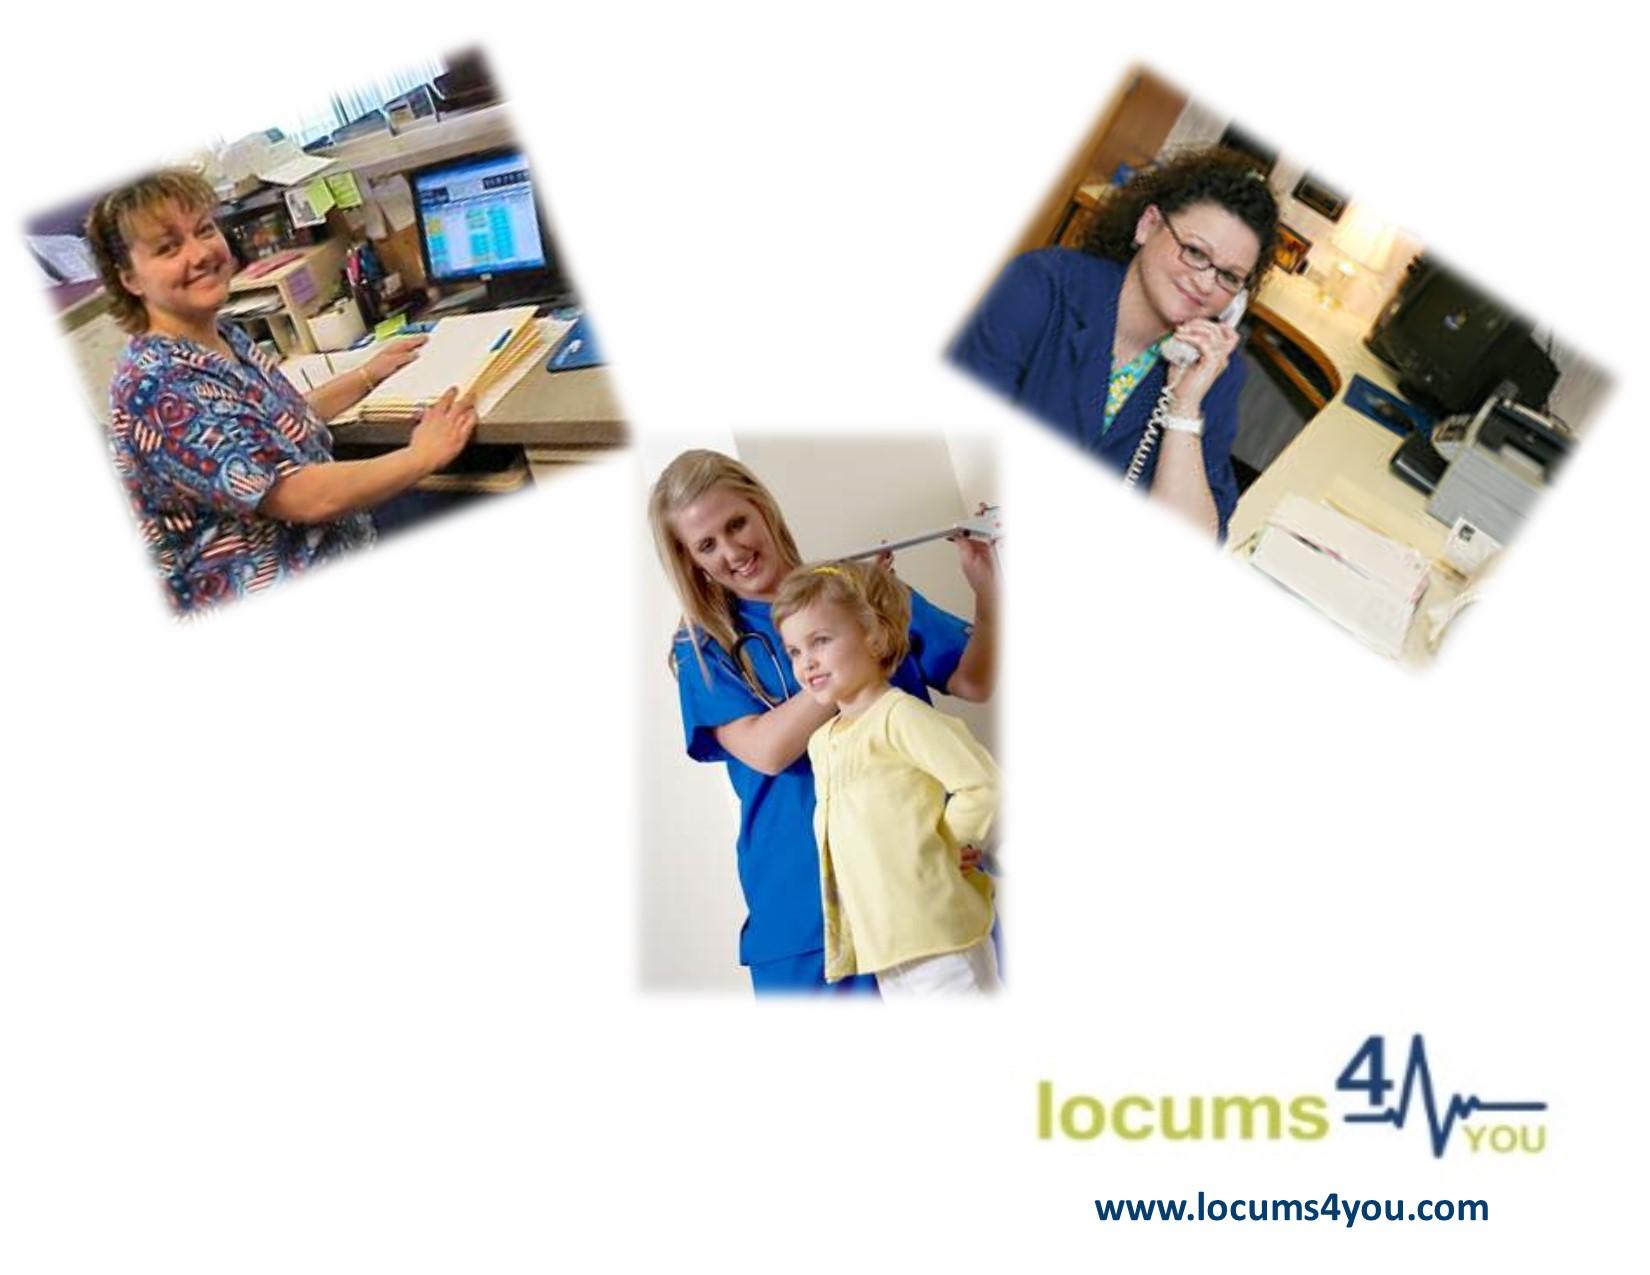 locum-doctor-2015